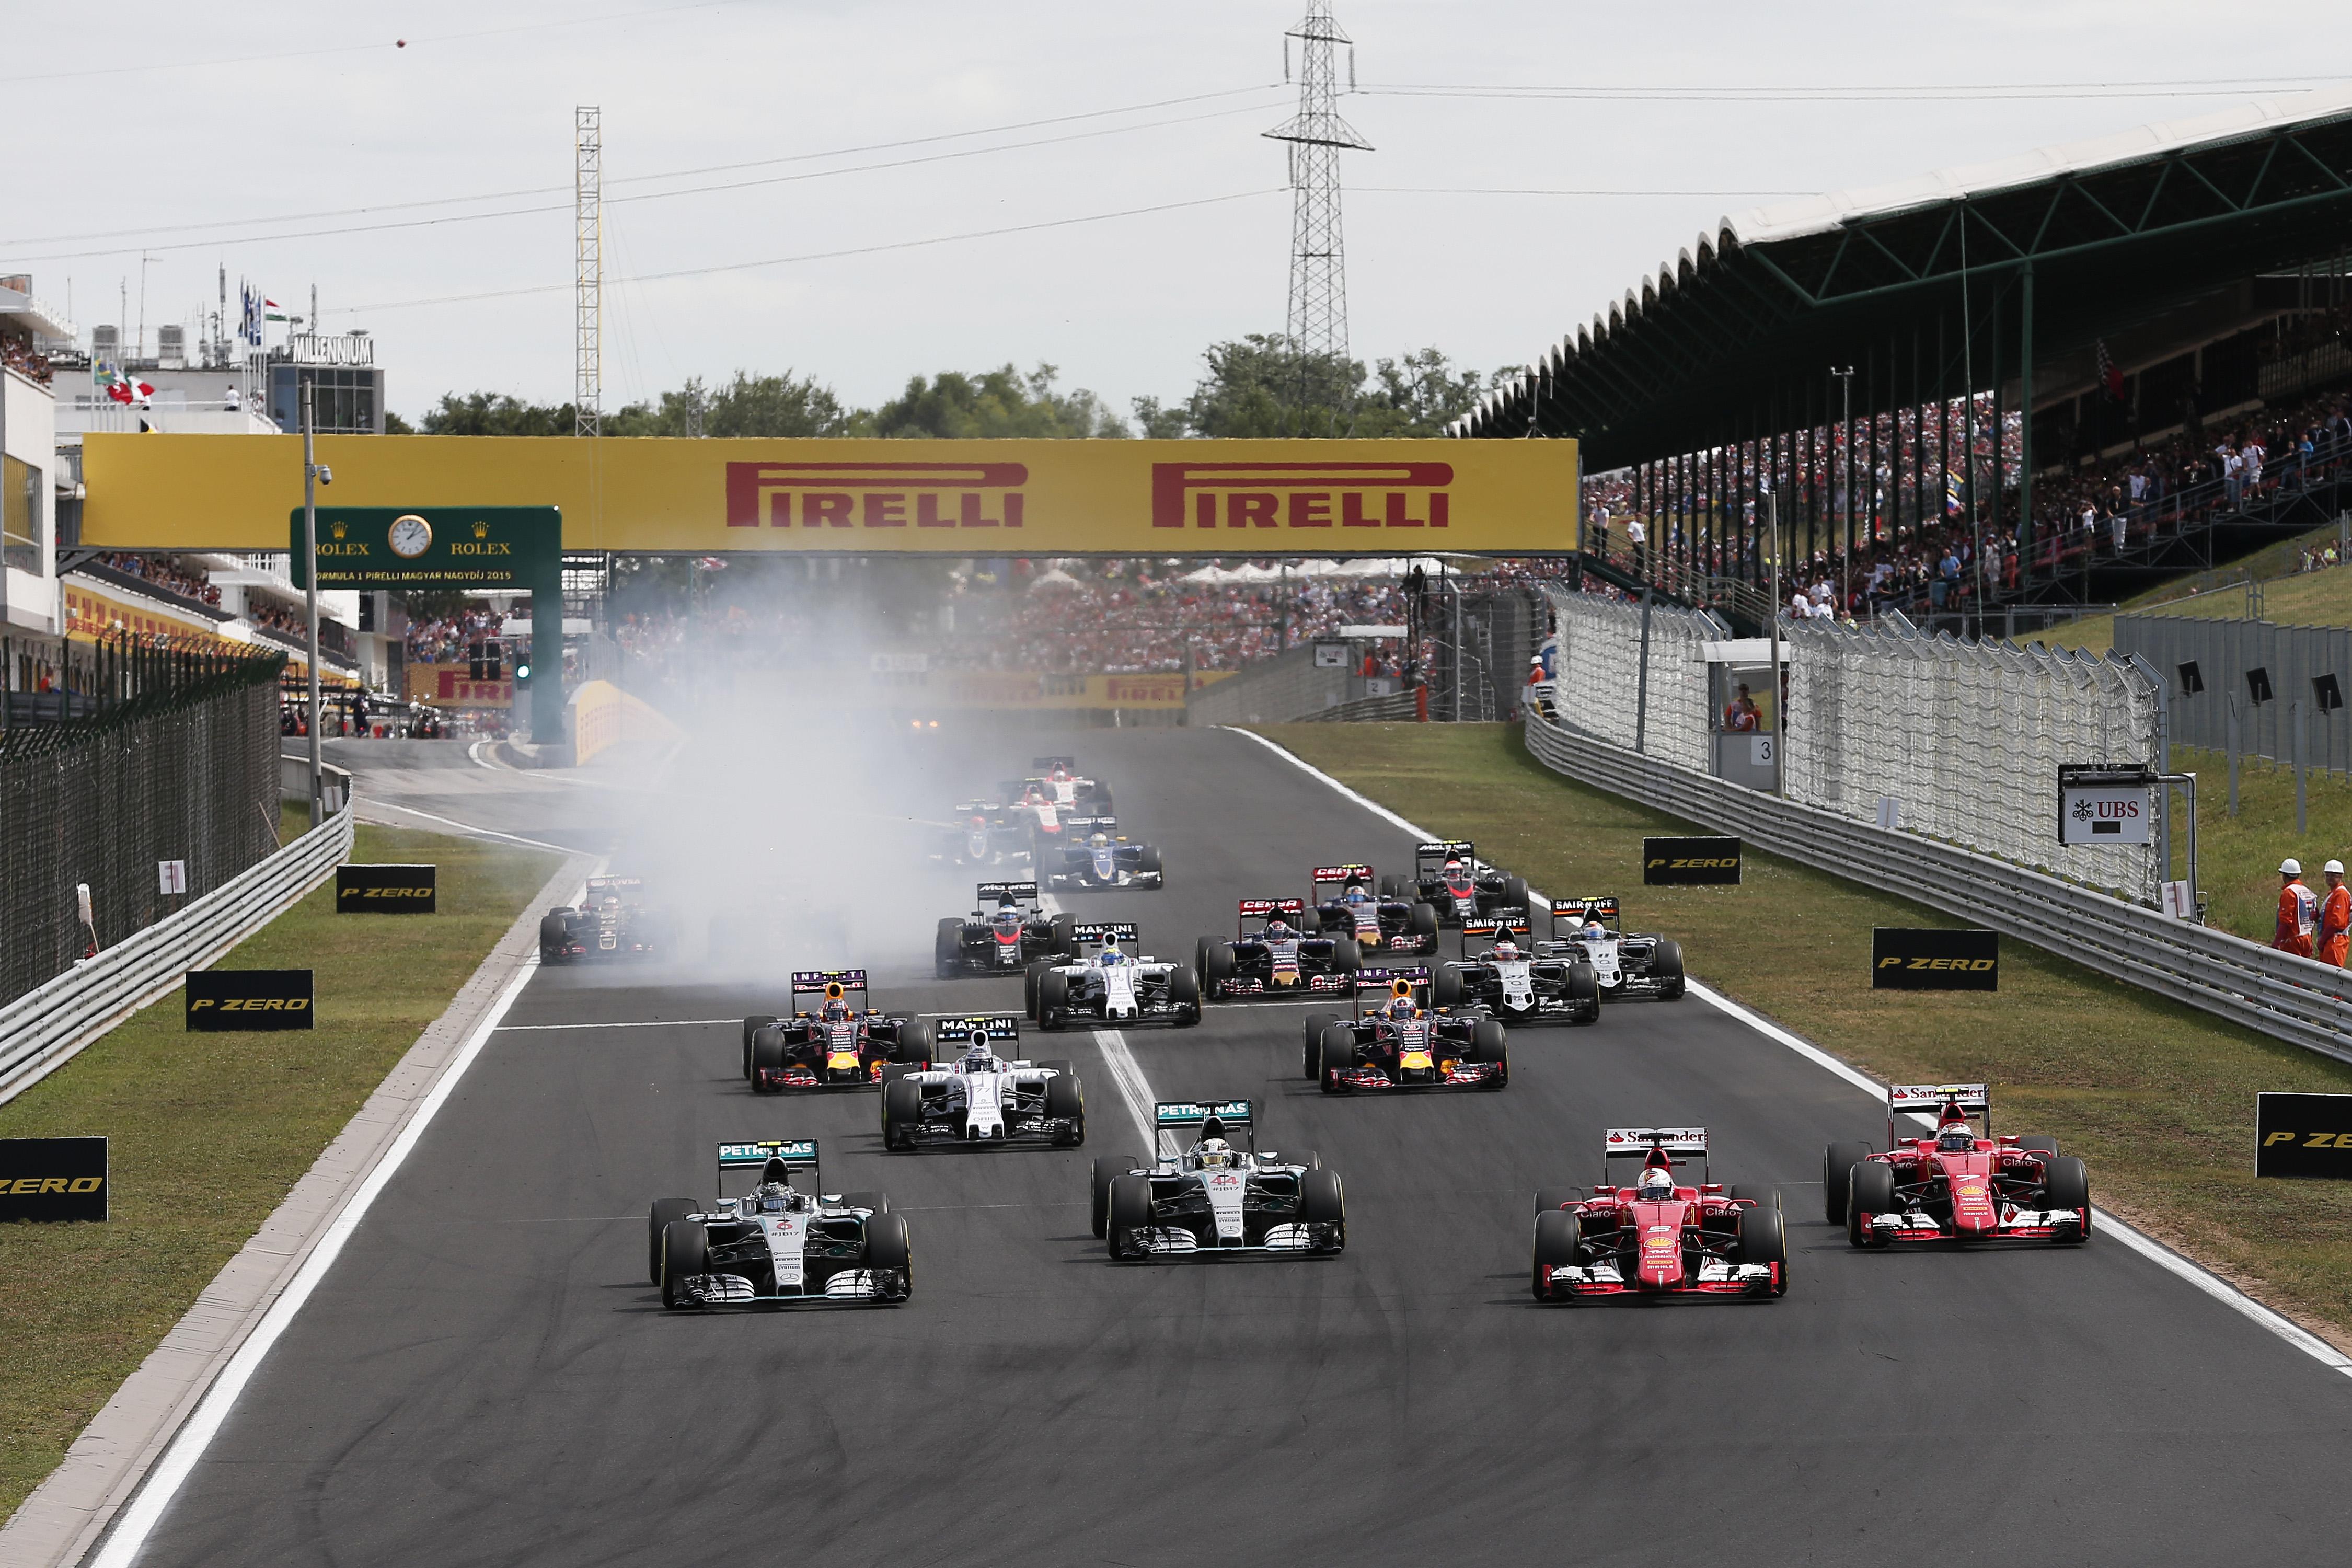 Egy nagyszerű hír a Hungaroringről: megkezdődtek a renoválási munkálatok az F1-es helyszínen